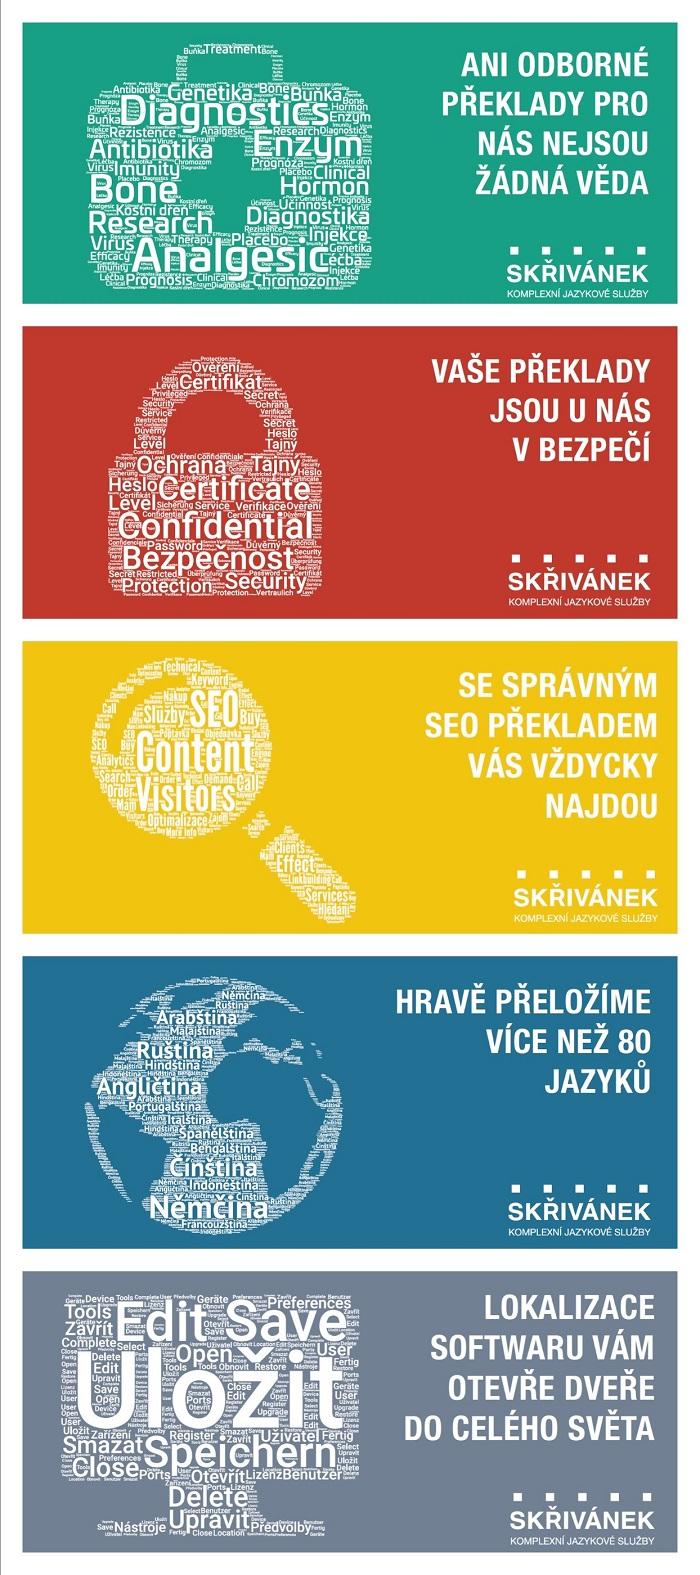 Vizuály z nové kampaně jazykové agentury Skřivánek, zdroj: Skřivánek